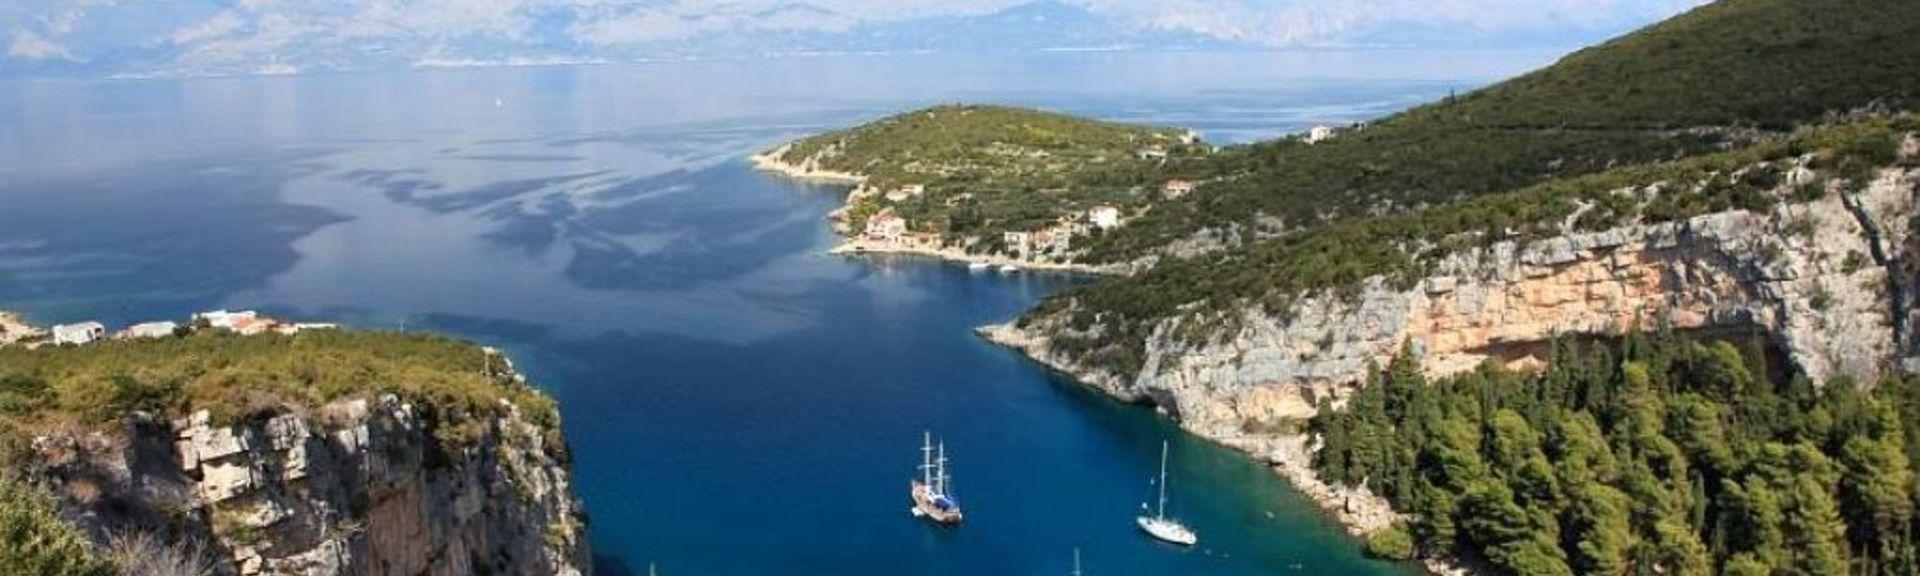 Pokrivenik, Split-Dalmatia, Kroatia